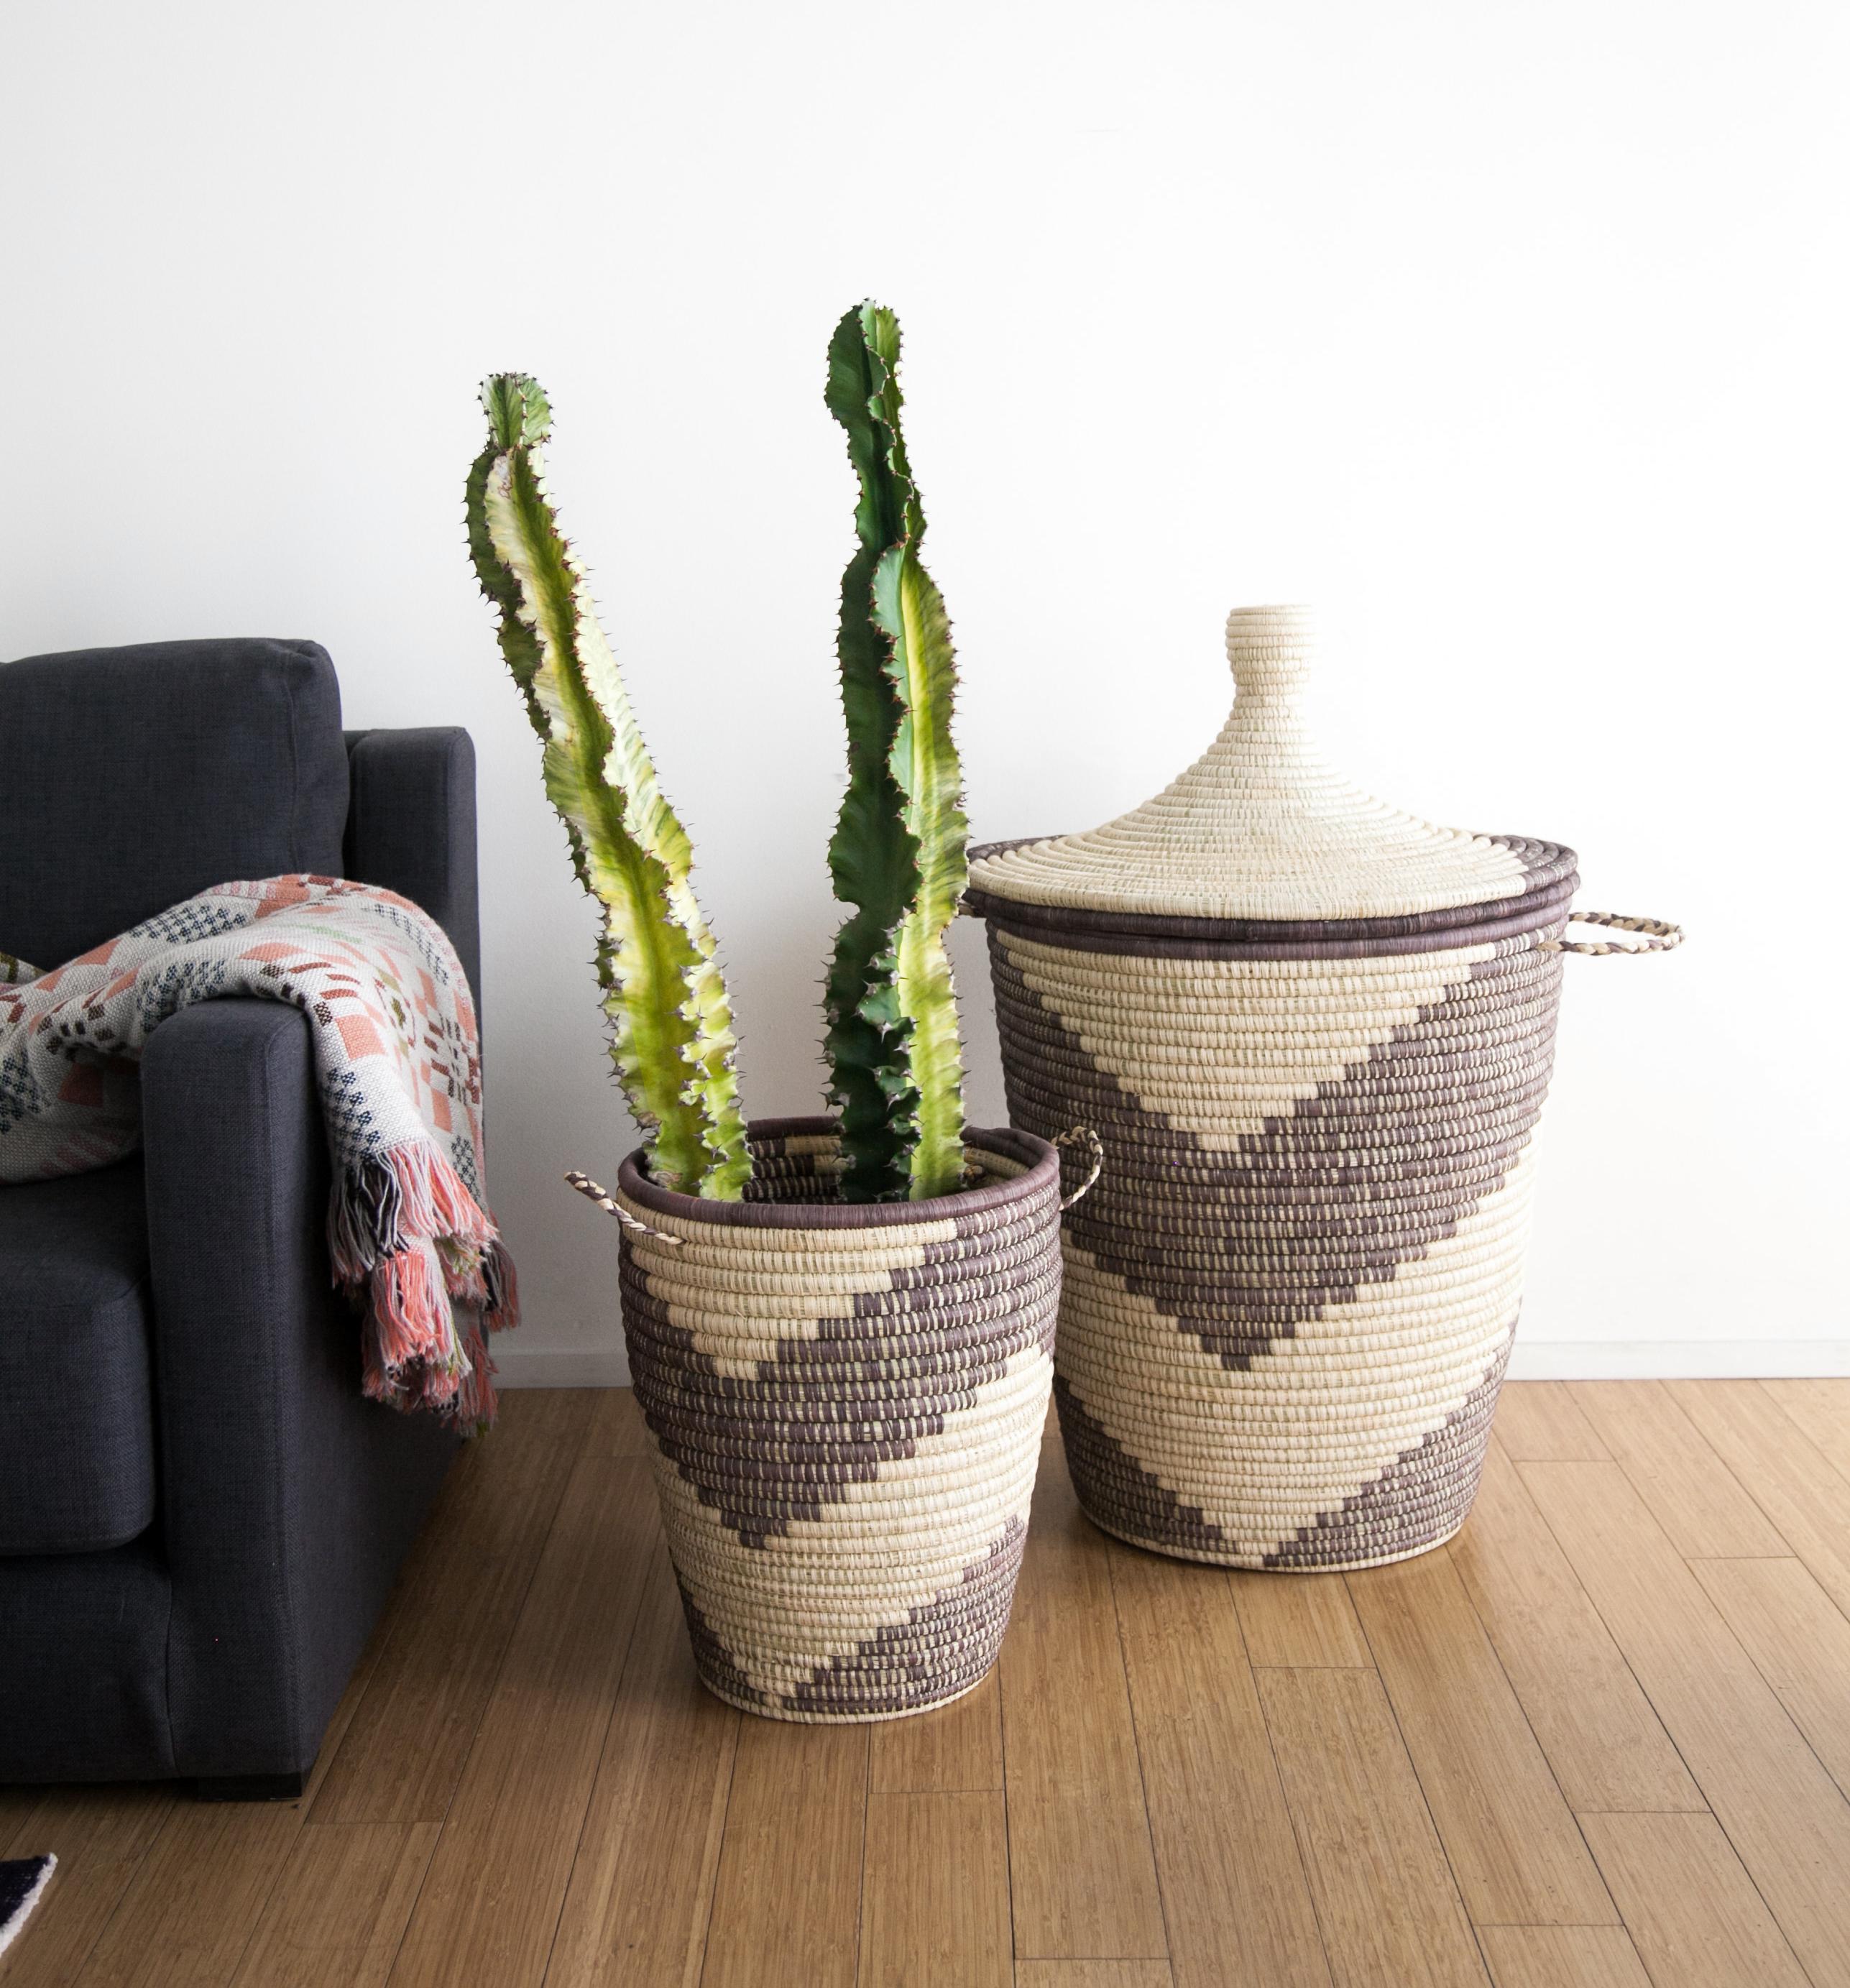 r+fhomegoods-basketstogether